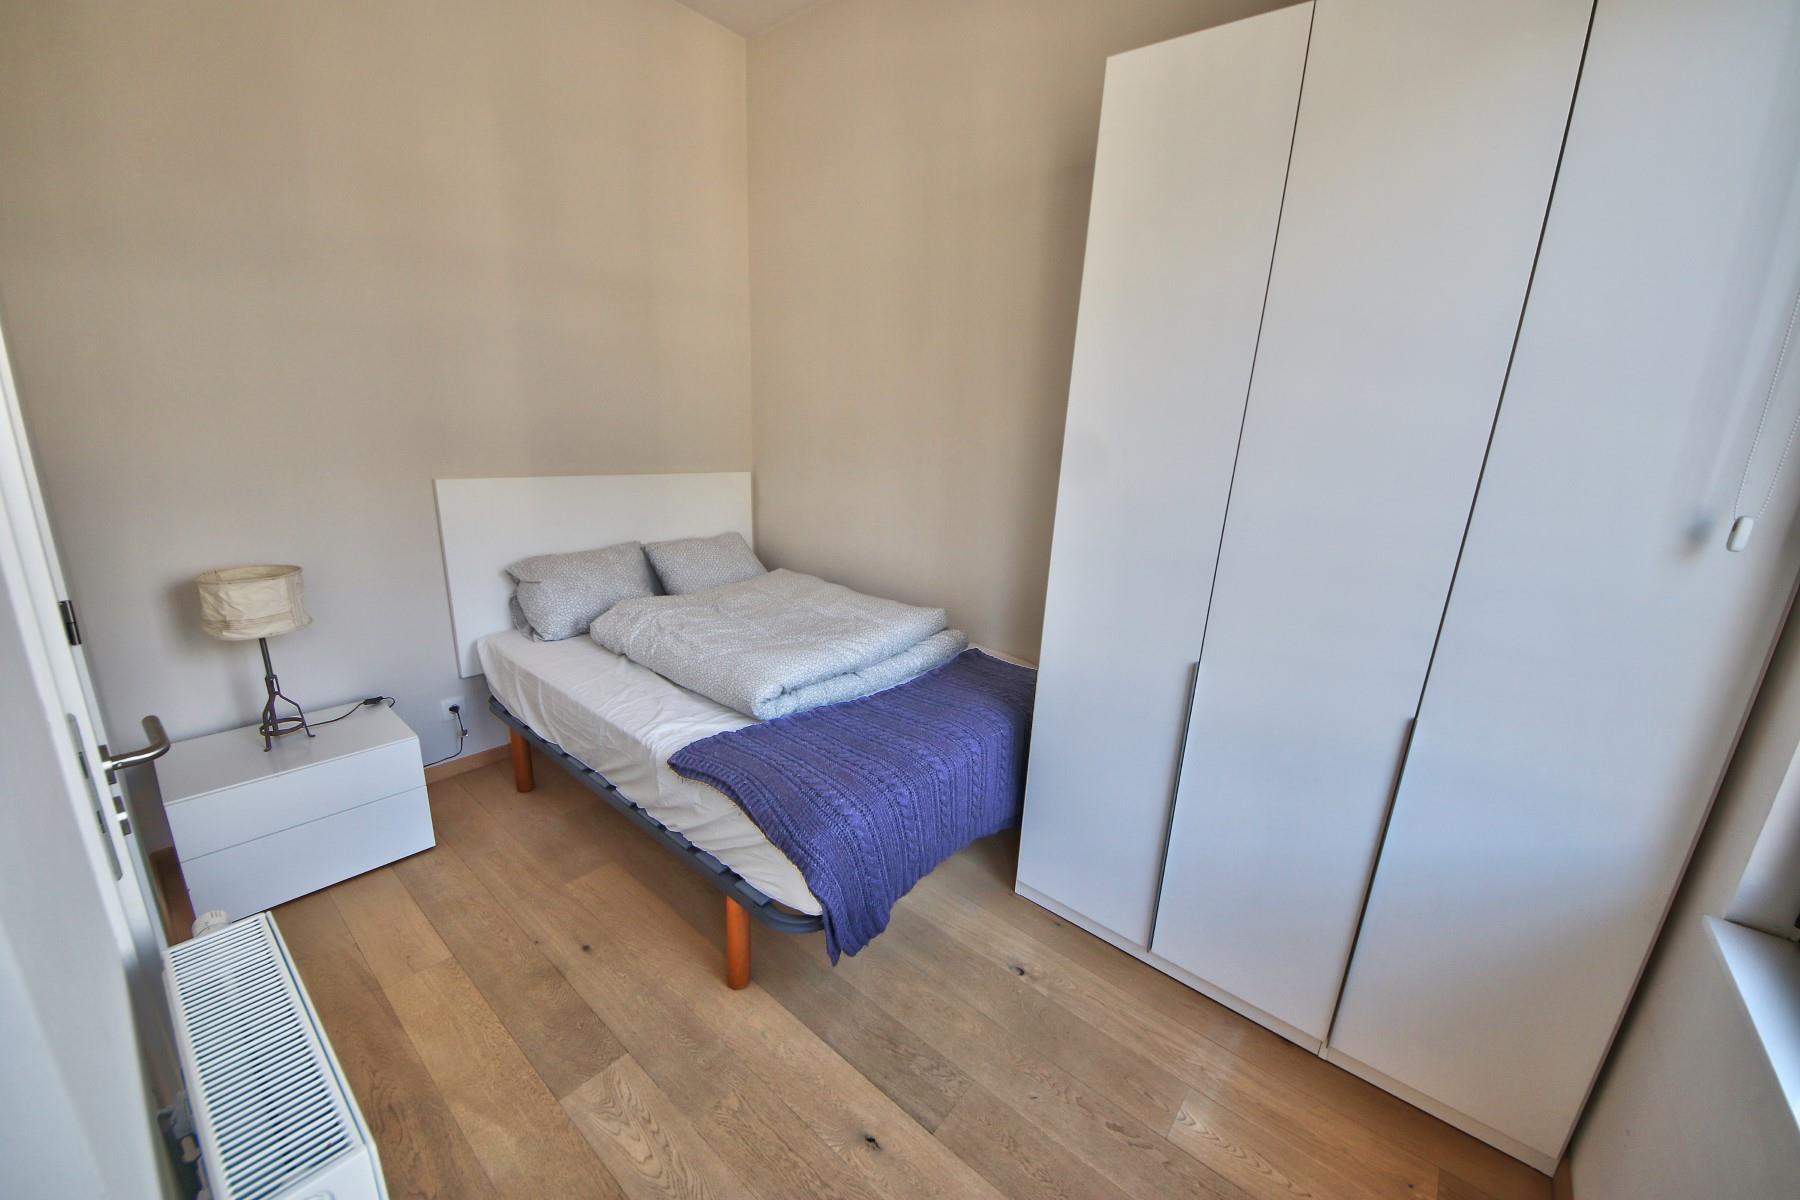 Flat - Bruxelles - #4147803-7